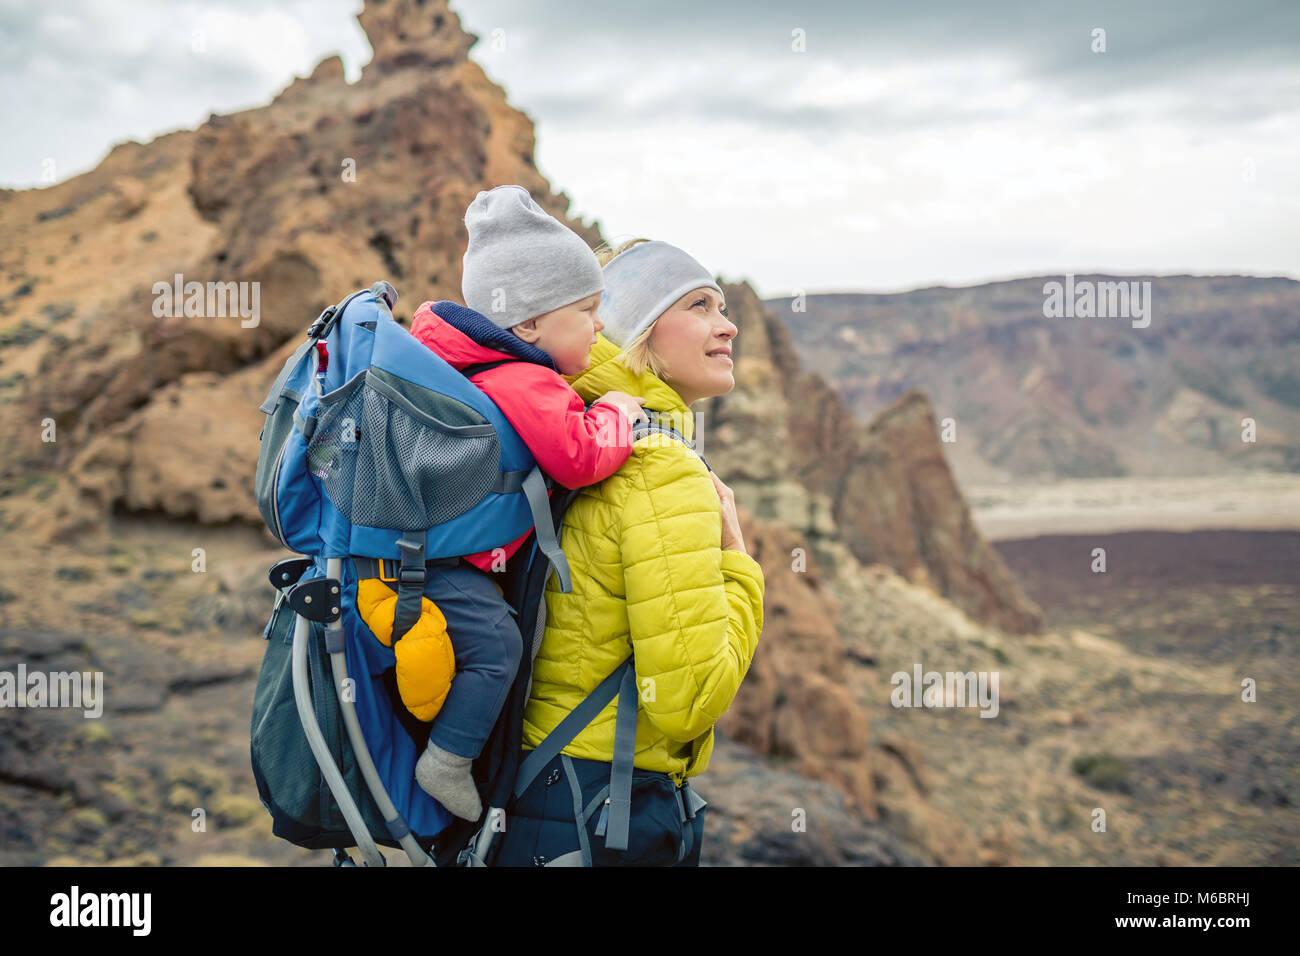 Caminata familiar Baby Boy viajando en mochila de la madre. Trekking Aventura con niño en otoño de viaje Imagen De Stock